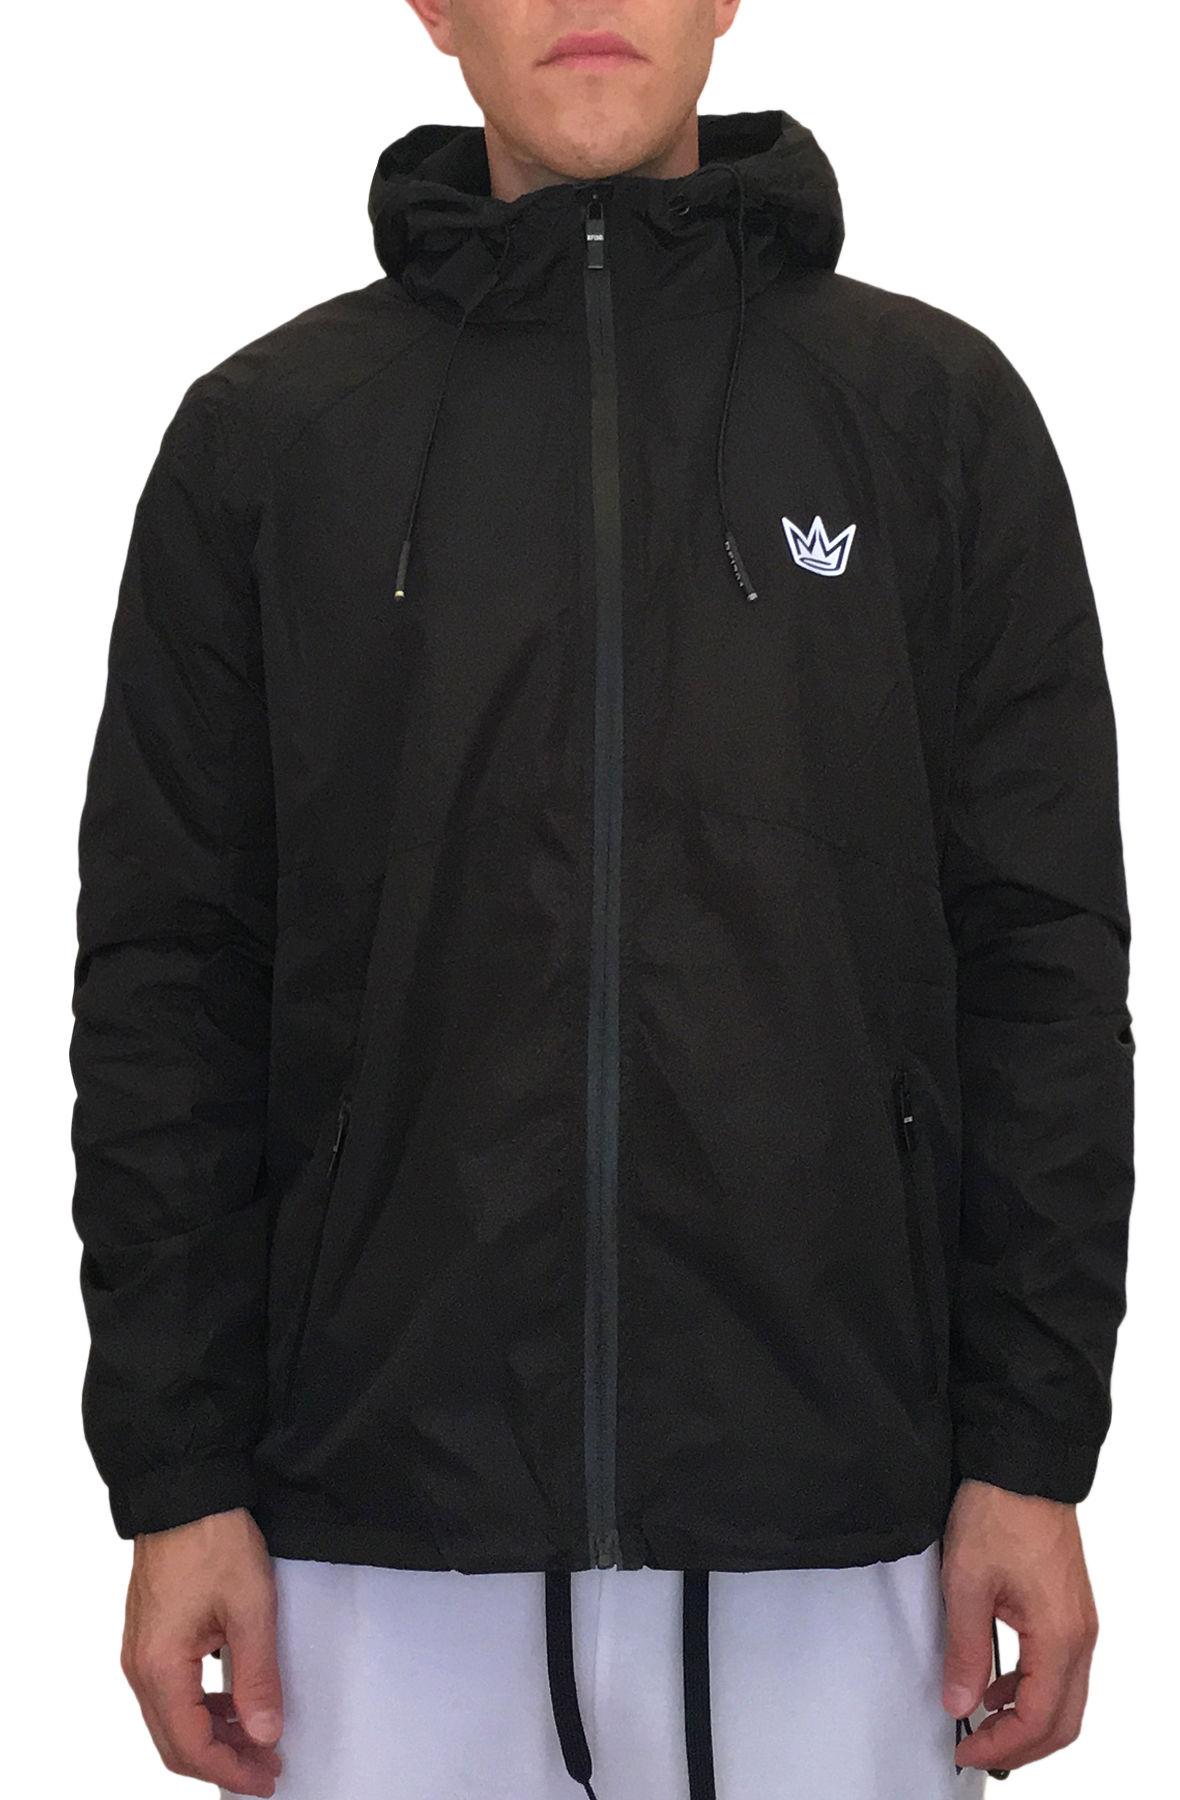 Image of Summit Anorak Jacket